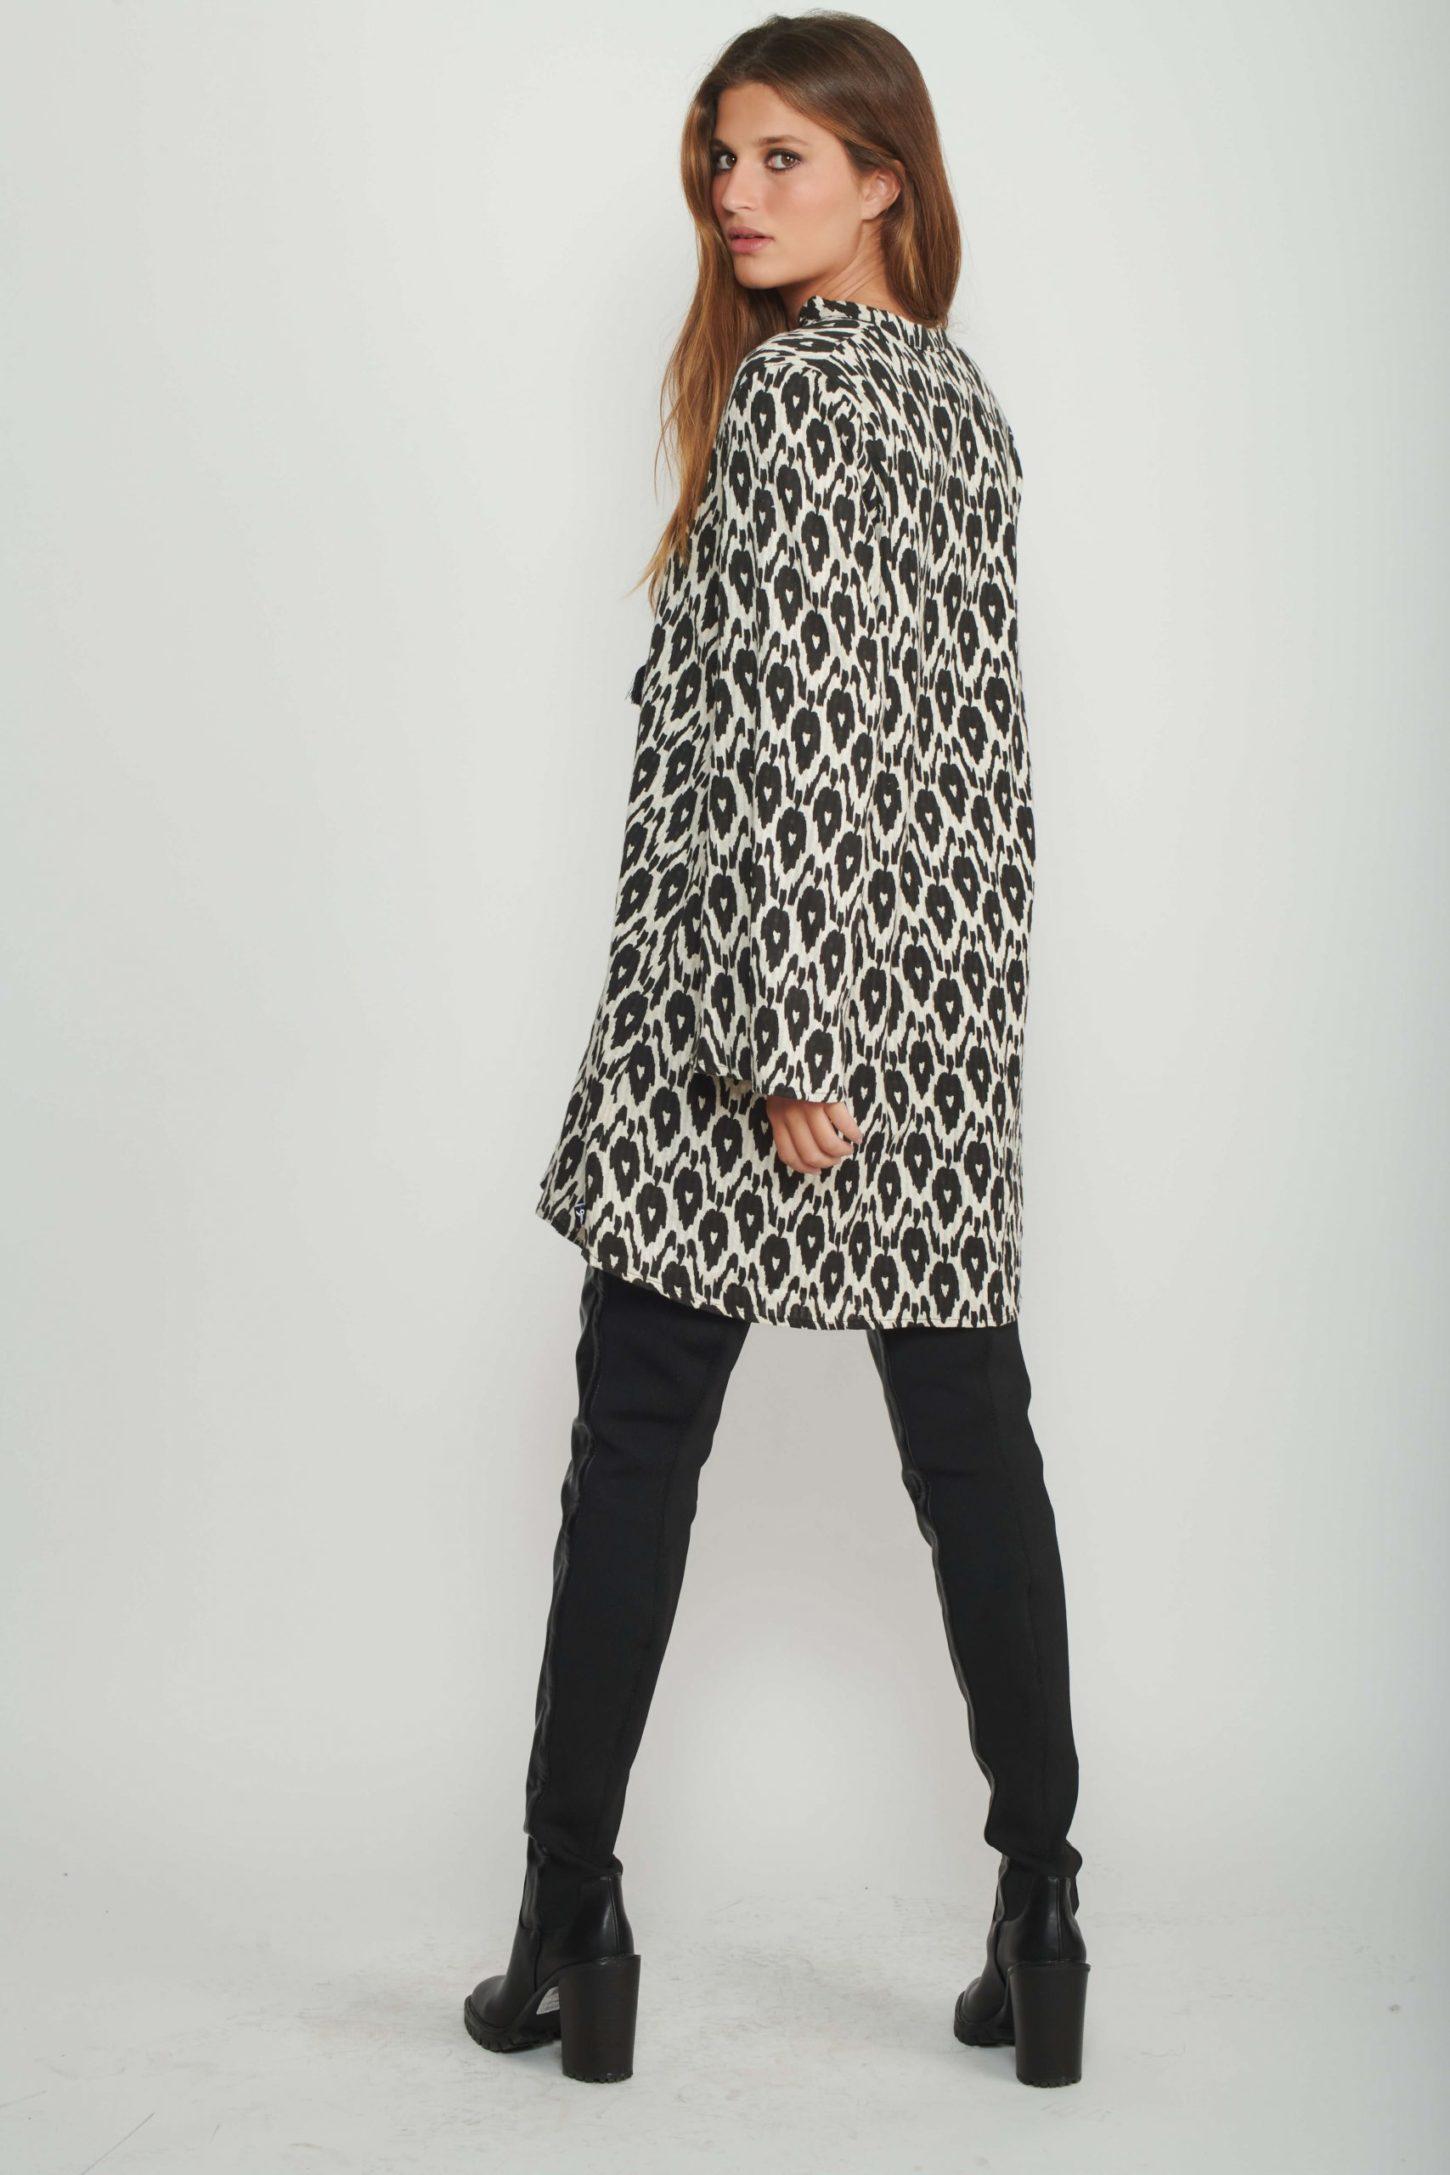 שמלת Alice 60's לנשים